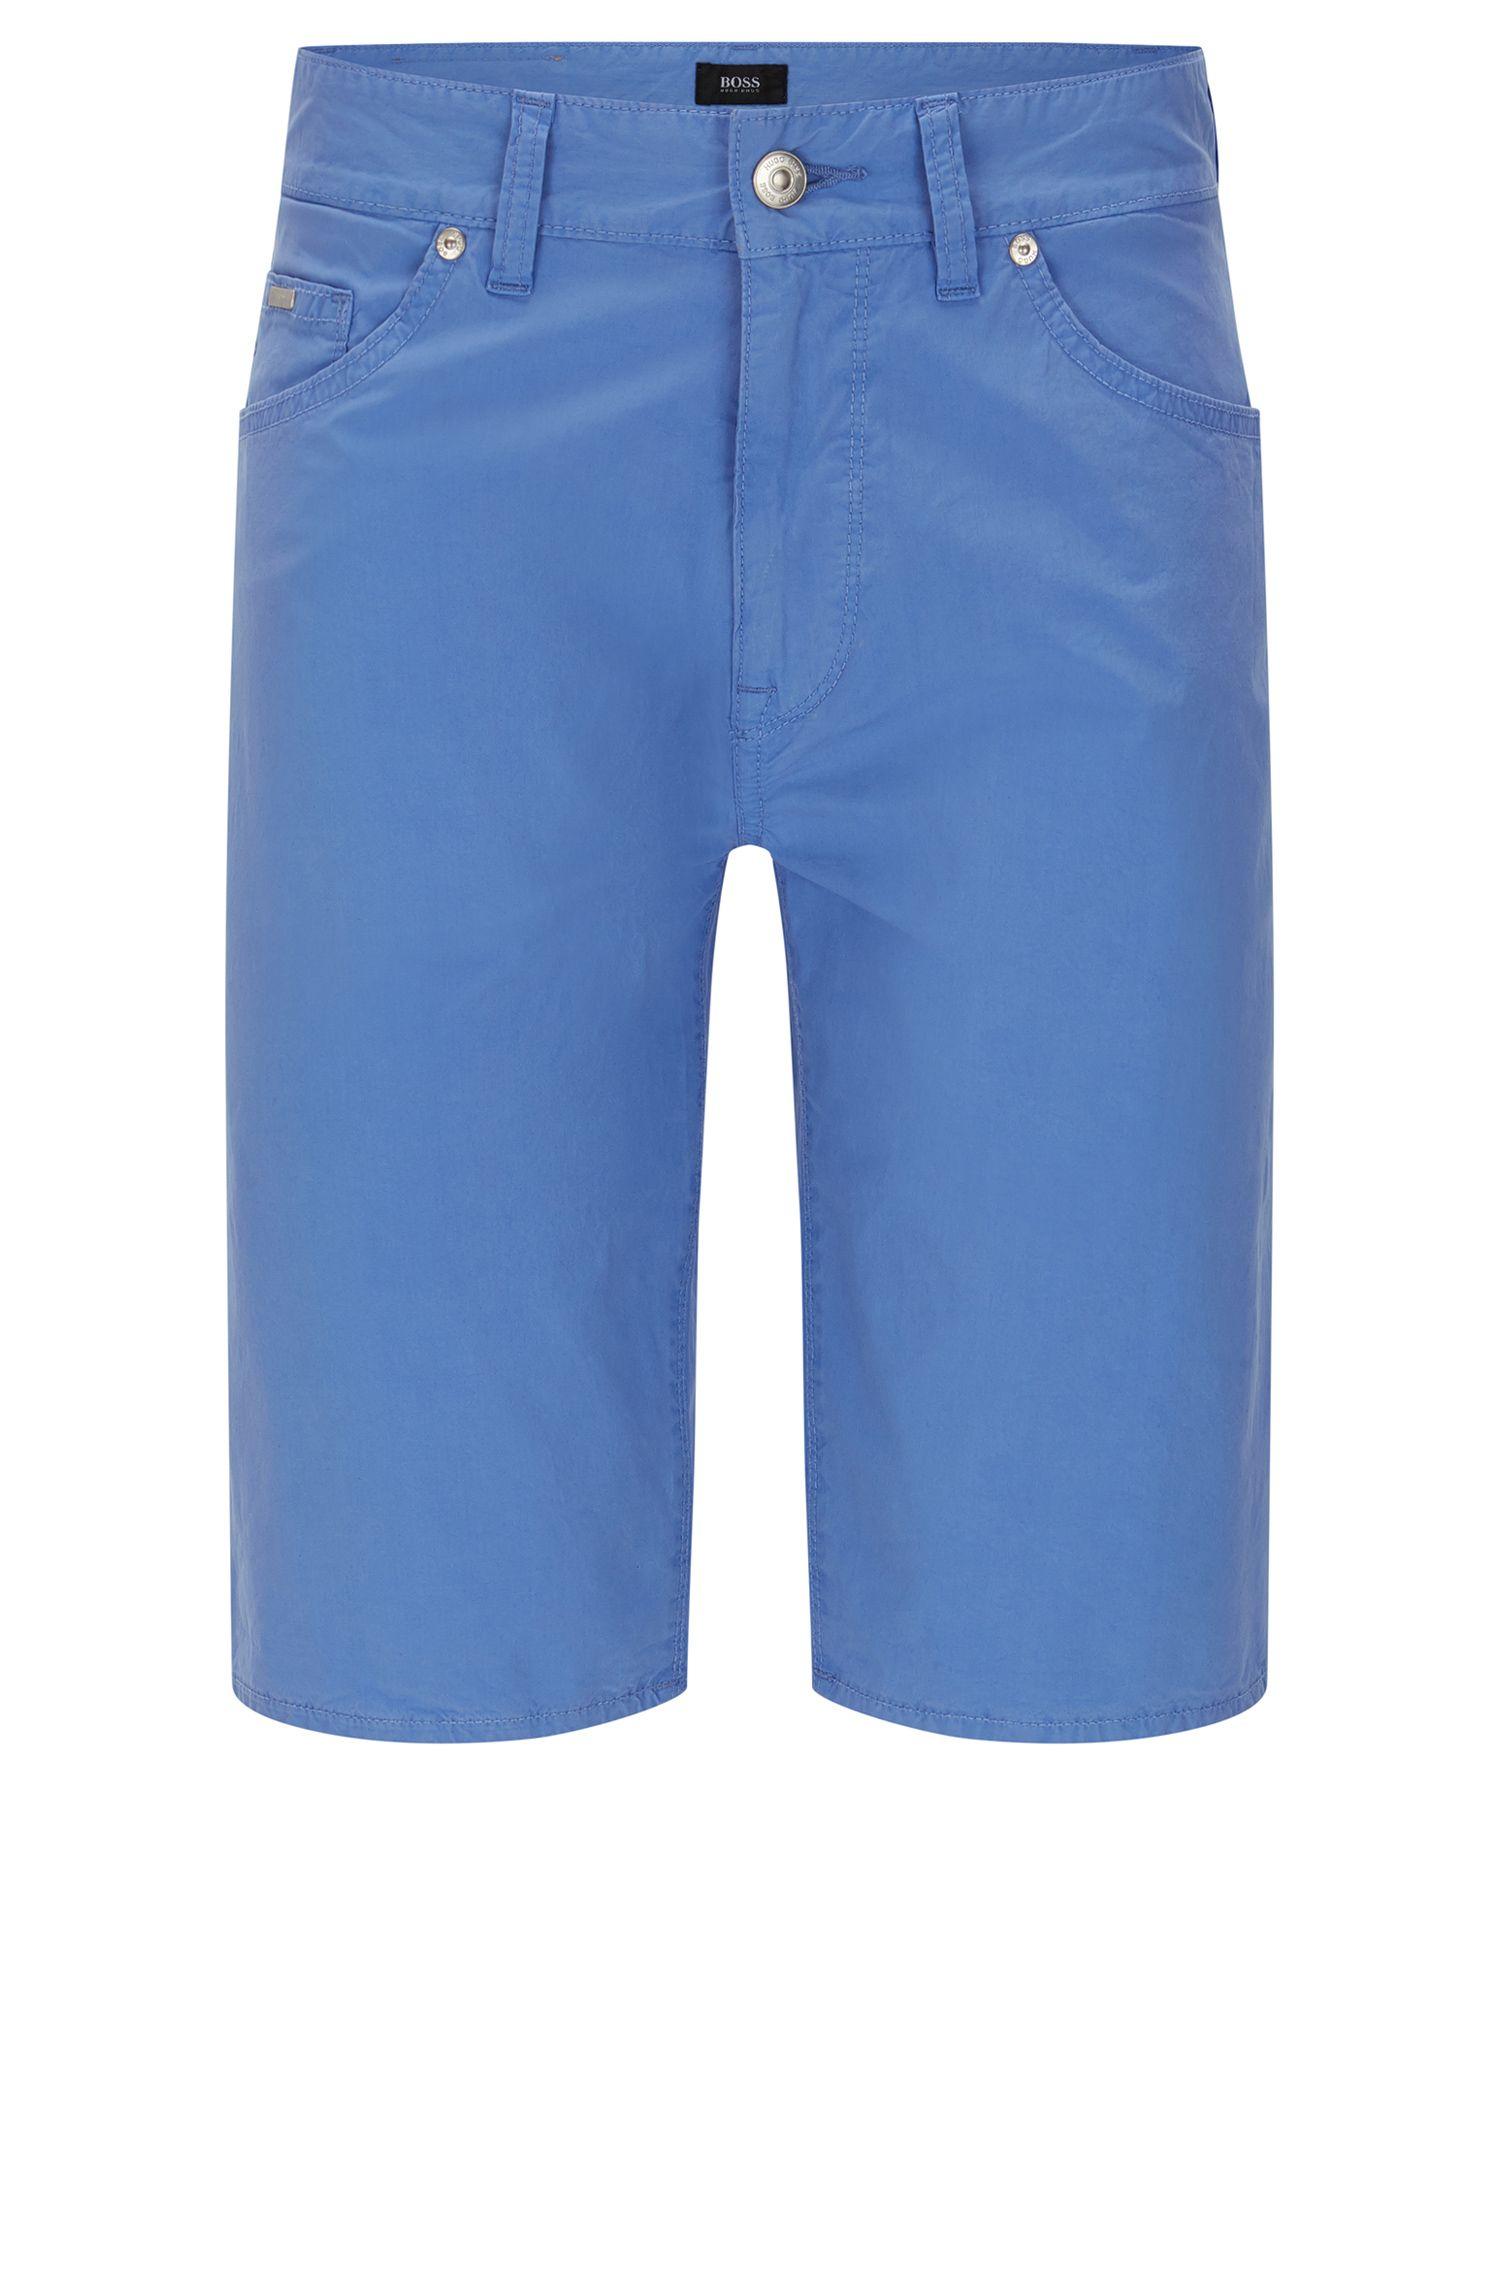 Shorts regular fit en algodón elástico: 'Maine-Shorts-20'